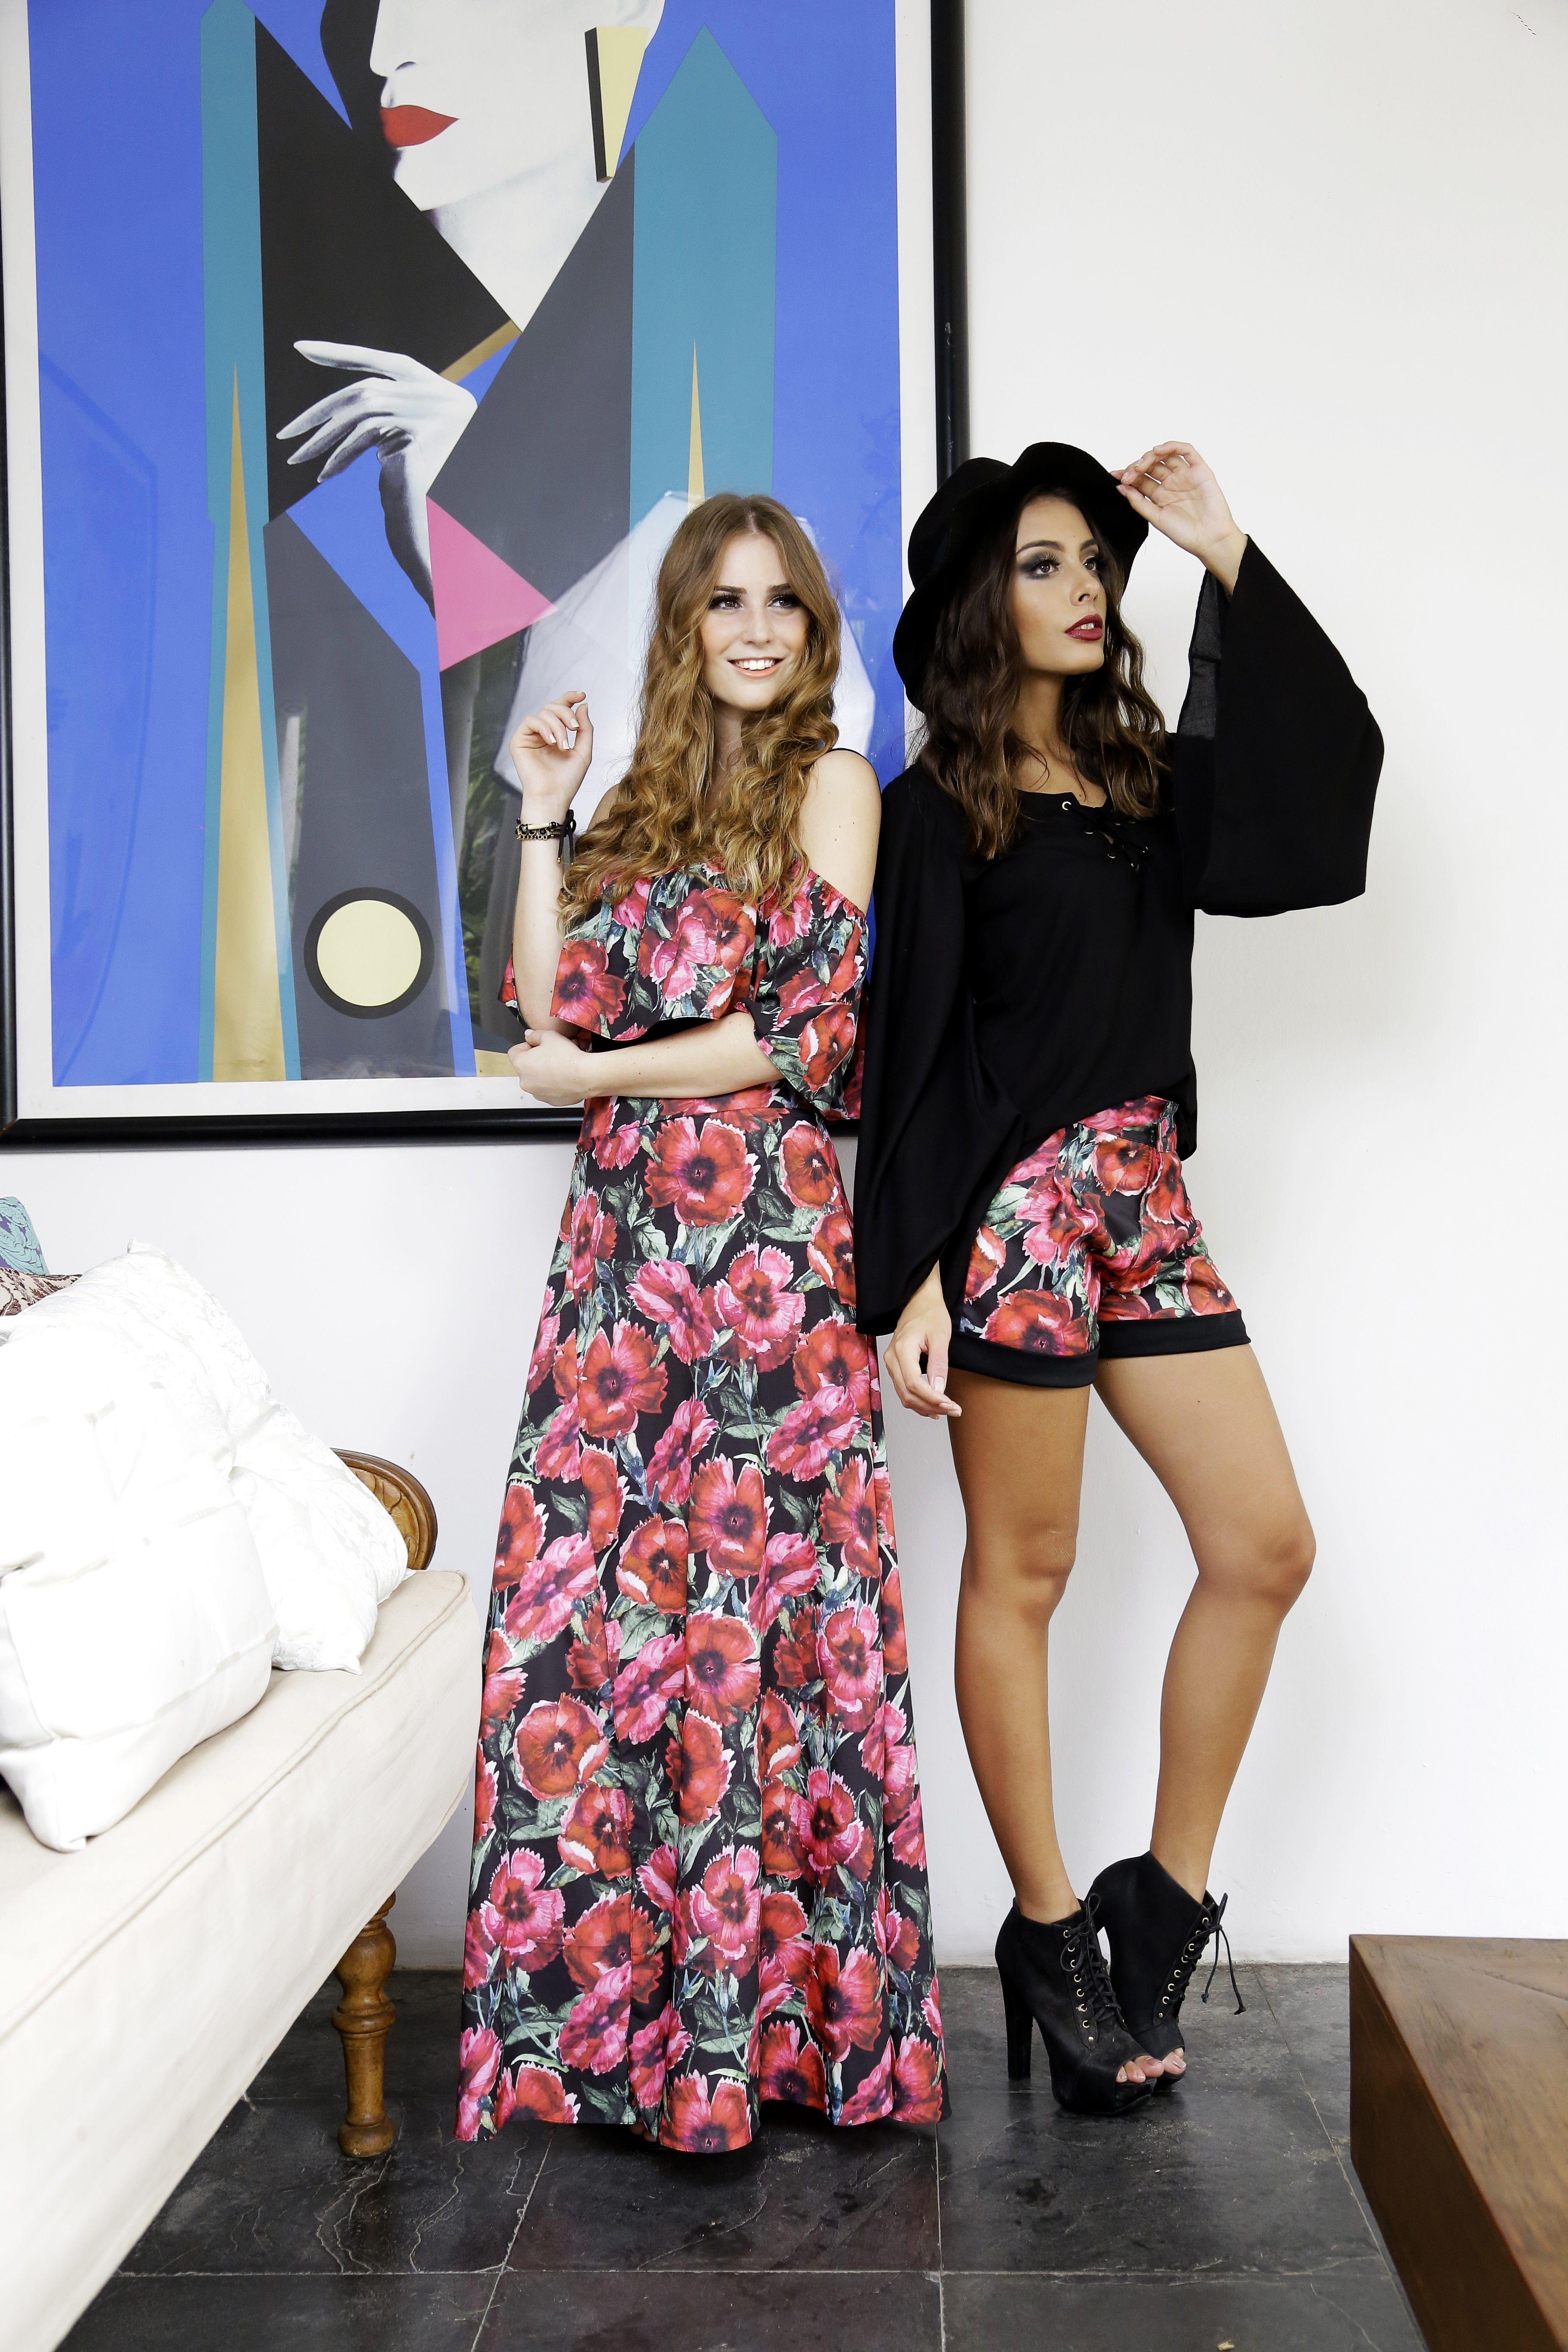 Coleção Inverno 2016 Bohemian   #estampa # Saialonga #body #papoulas #print #moda #fashion #design #estiloconjugal